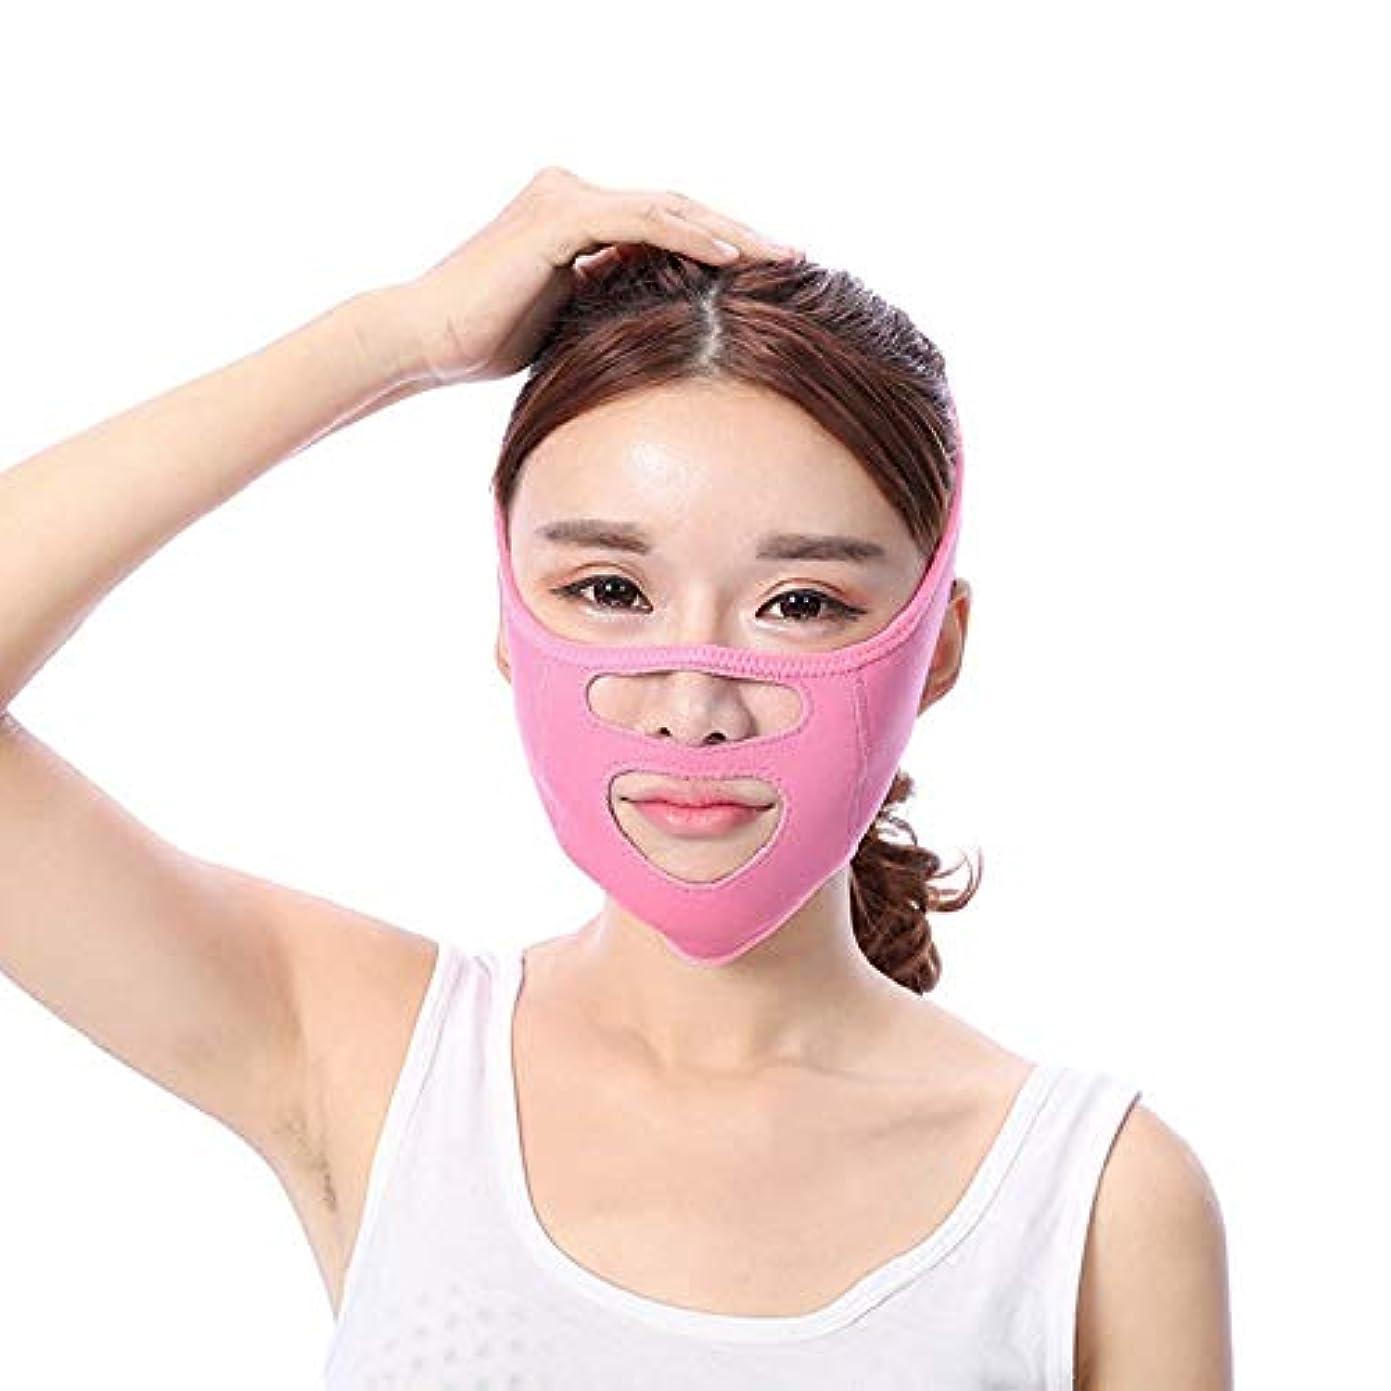 逆に気体の区顔の持ち上がる痩身ベルト - あなたの顔のための素晴らしいトレーニング二重あごのワークアウトフェイスマスクベルト薄い顔包帯整形マスクは顔と首を締めますフェイススリム